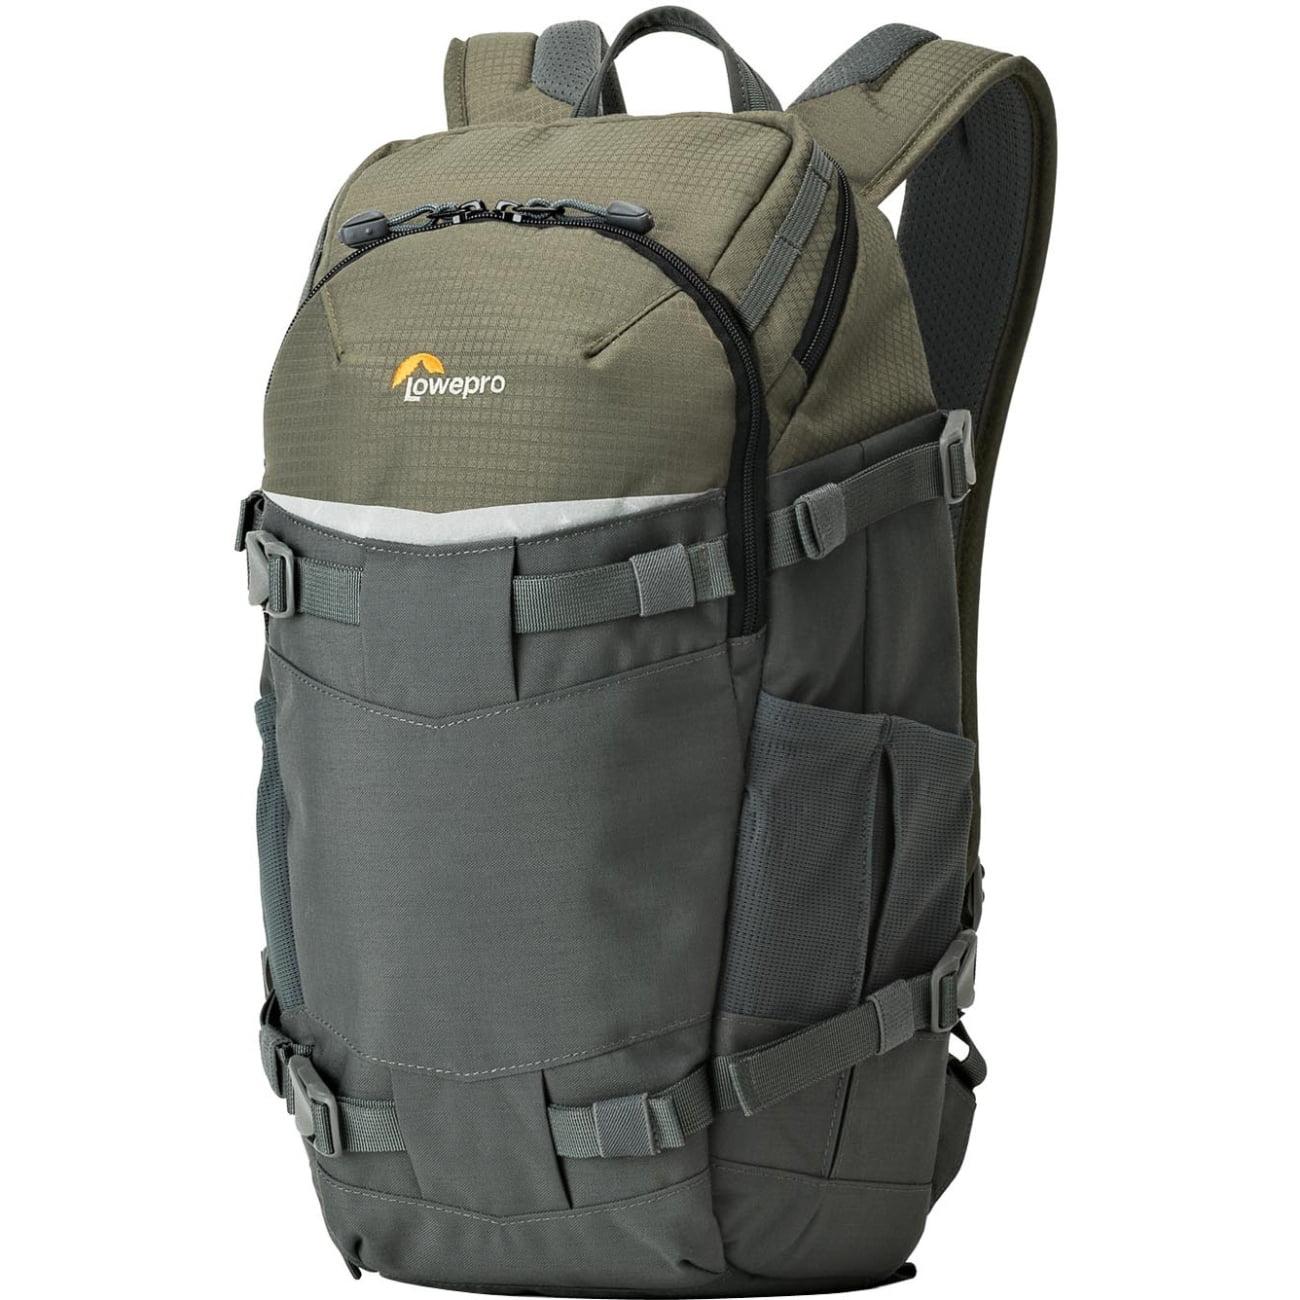 Lowepro Flipside Trek Carrying Case (Backpack) for 8\ by Lowepro